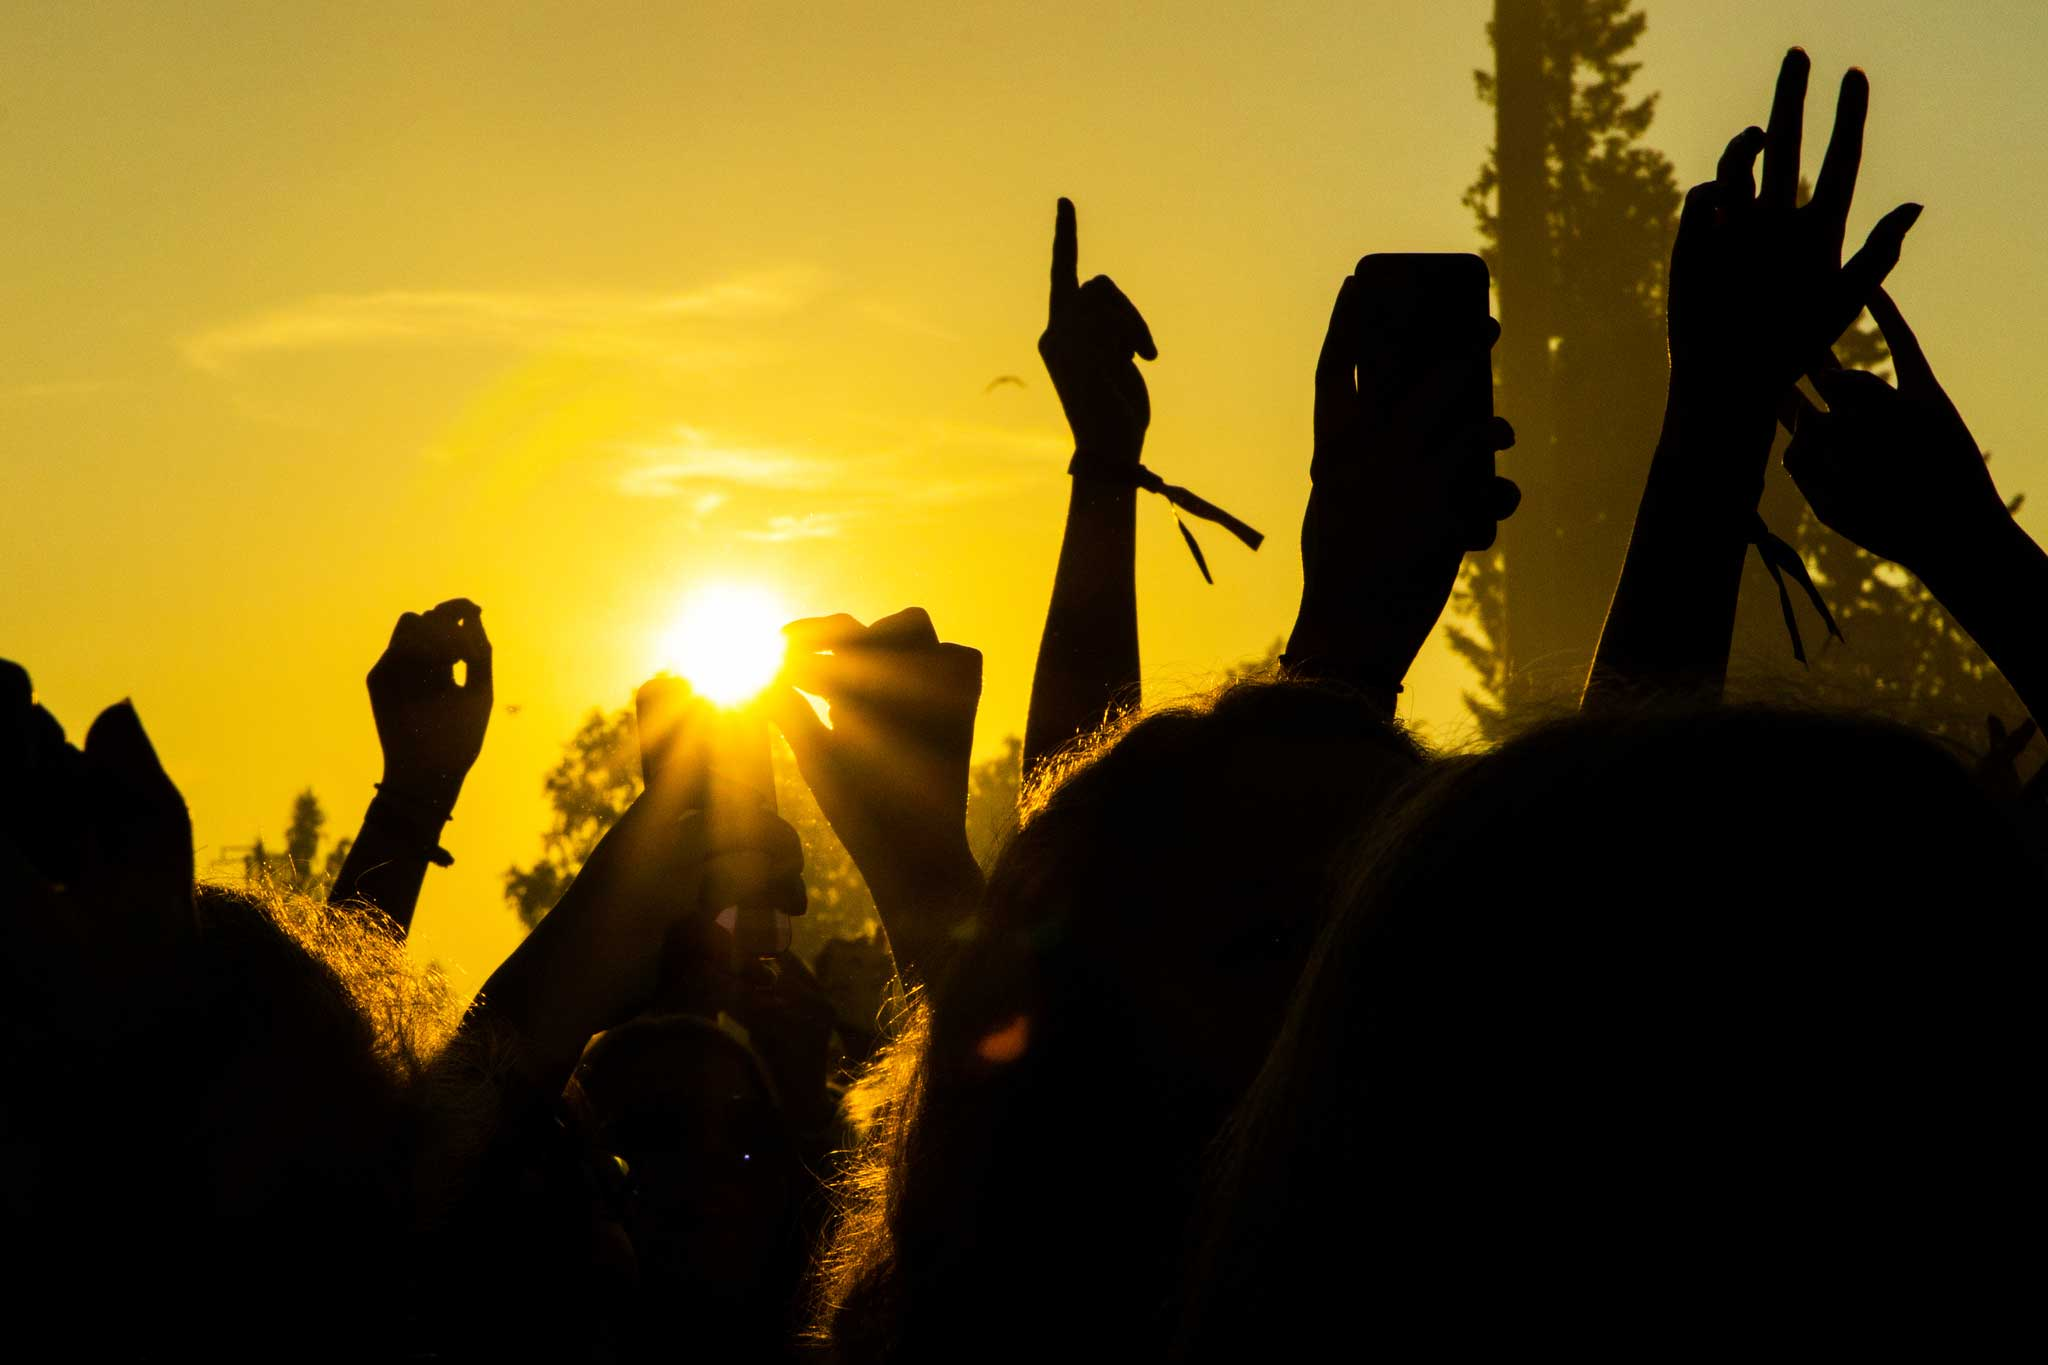 Käsiä konsertissa ilta-auringon valossa